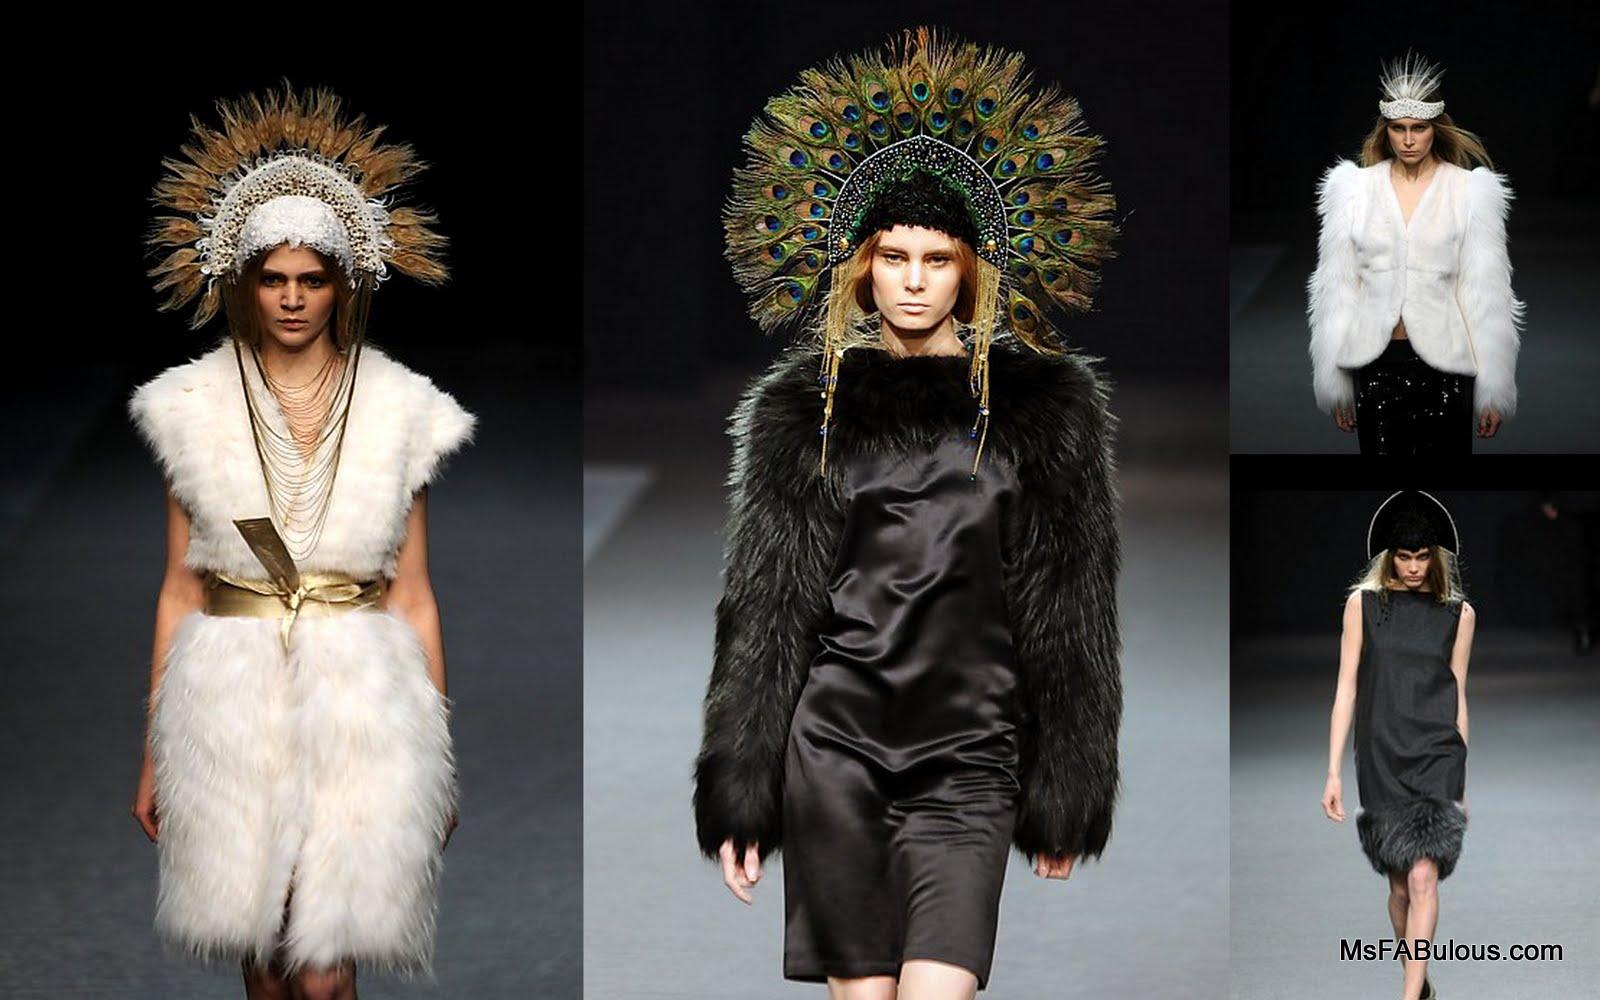 MS. FABULOUS: Russian Fashion Week: Konstantin Gayday